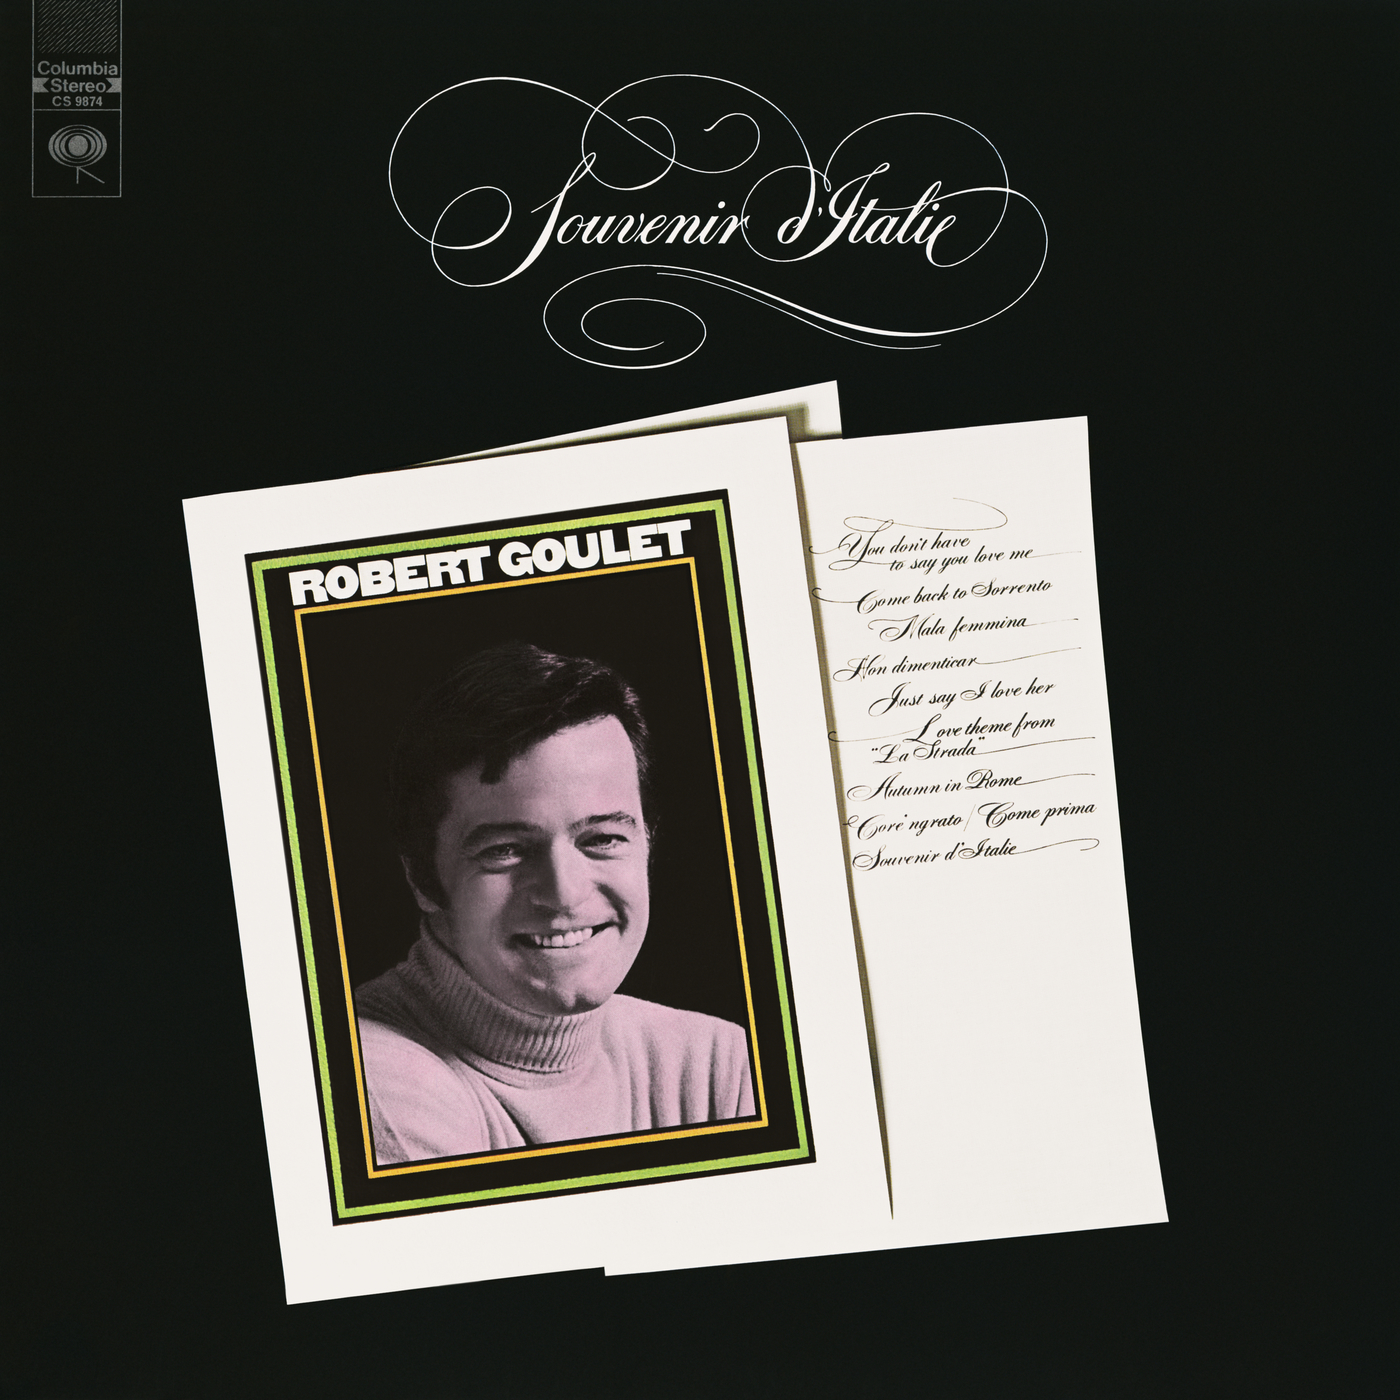 Souvenir D'Italie - Robert Goulet